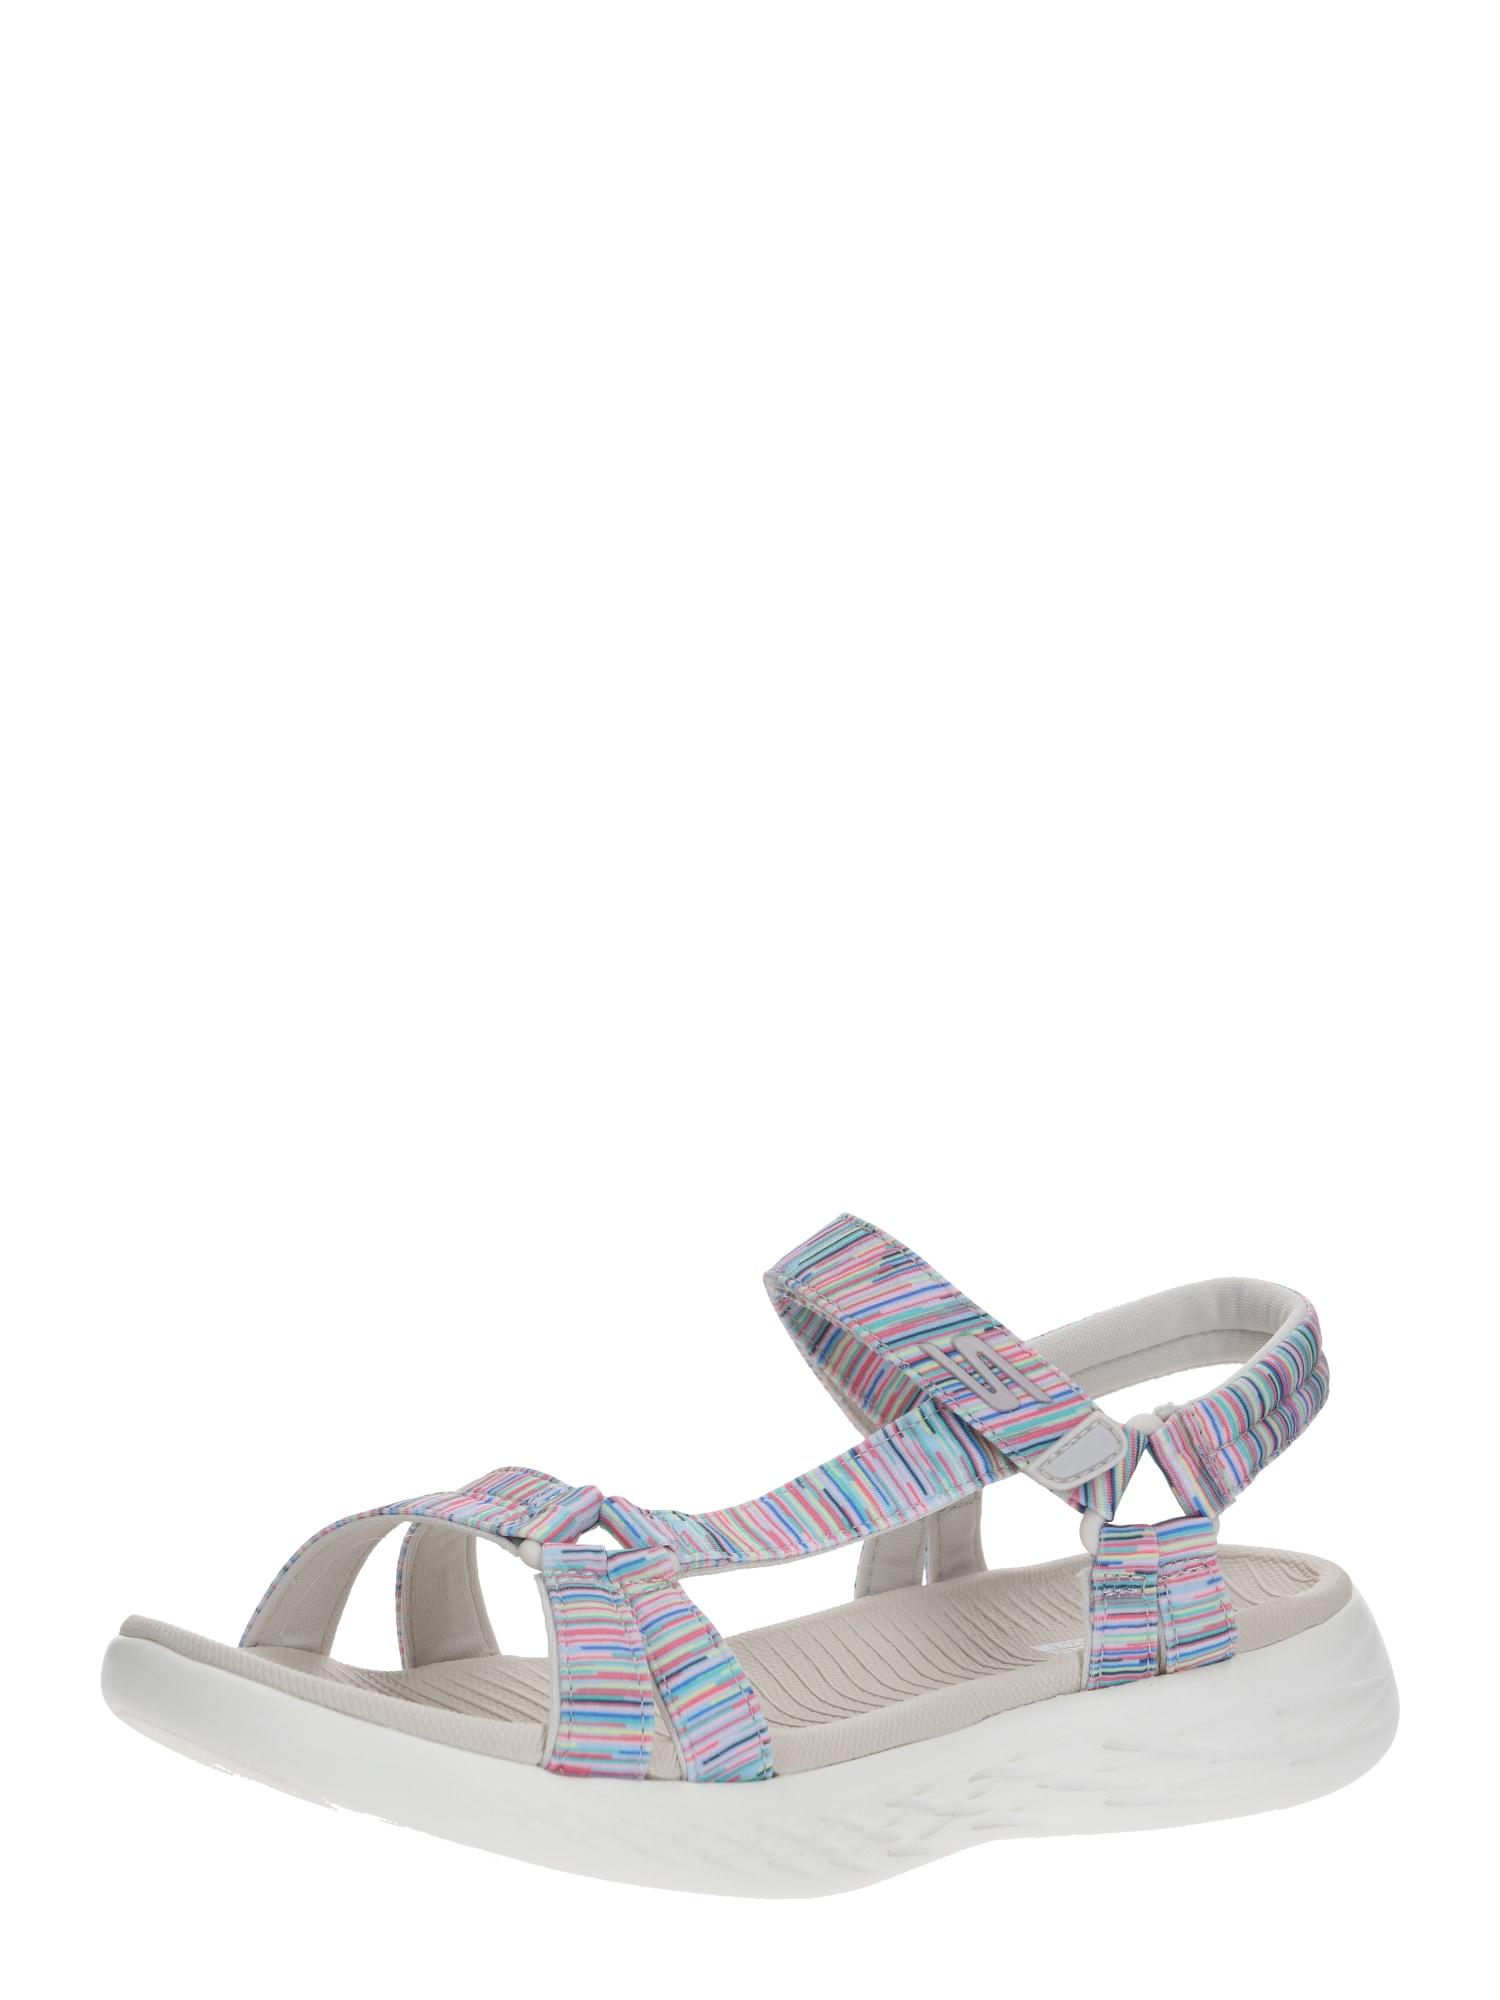 SKECHERS Sportinio tipo sandalai balta / mišrios spalvos